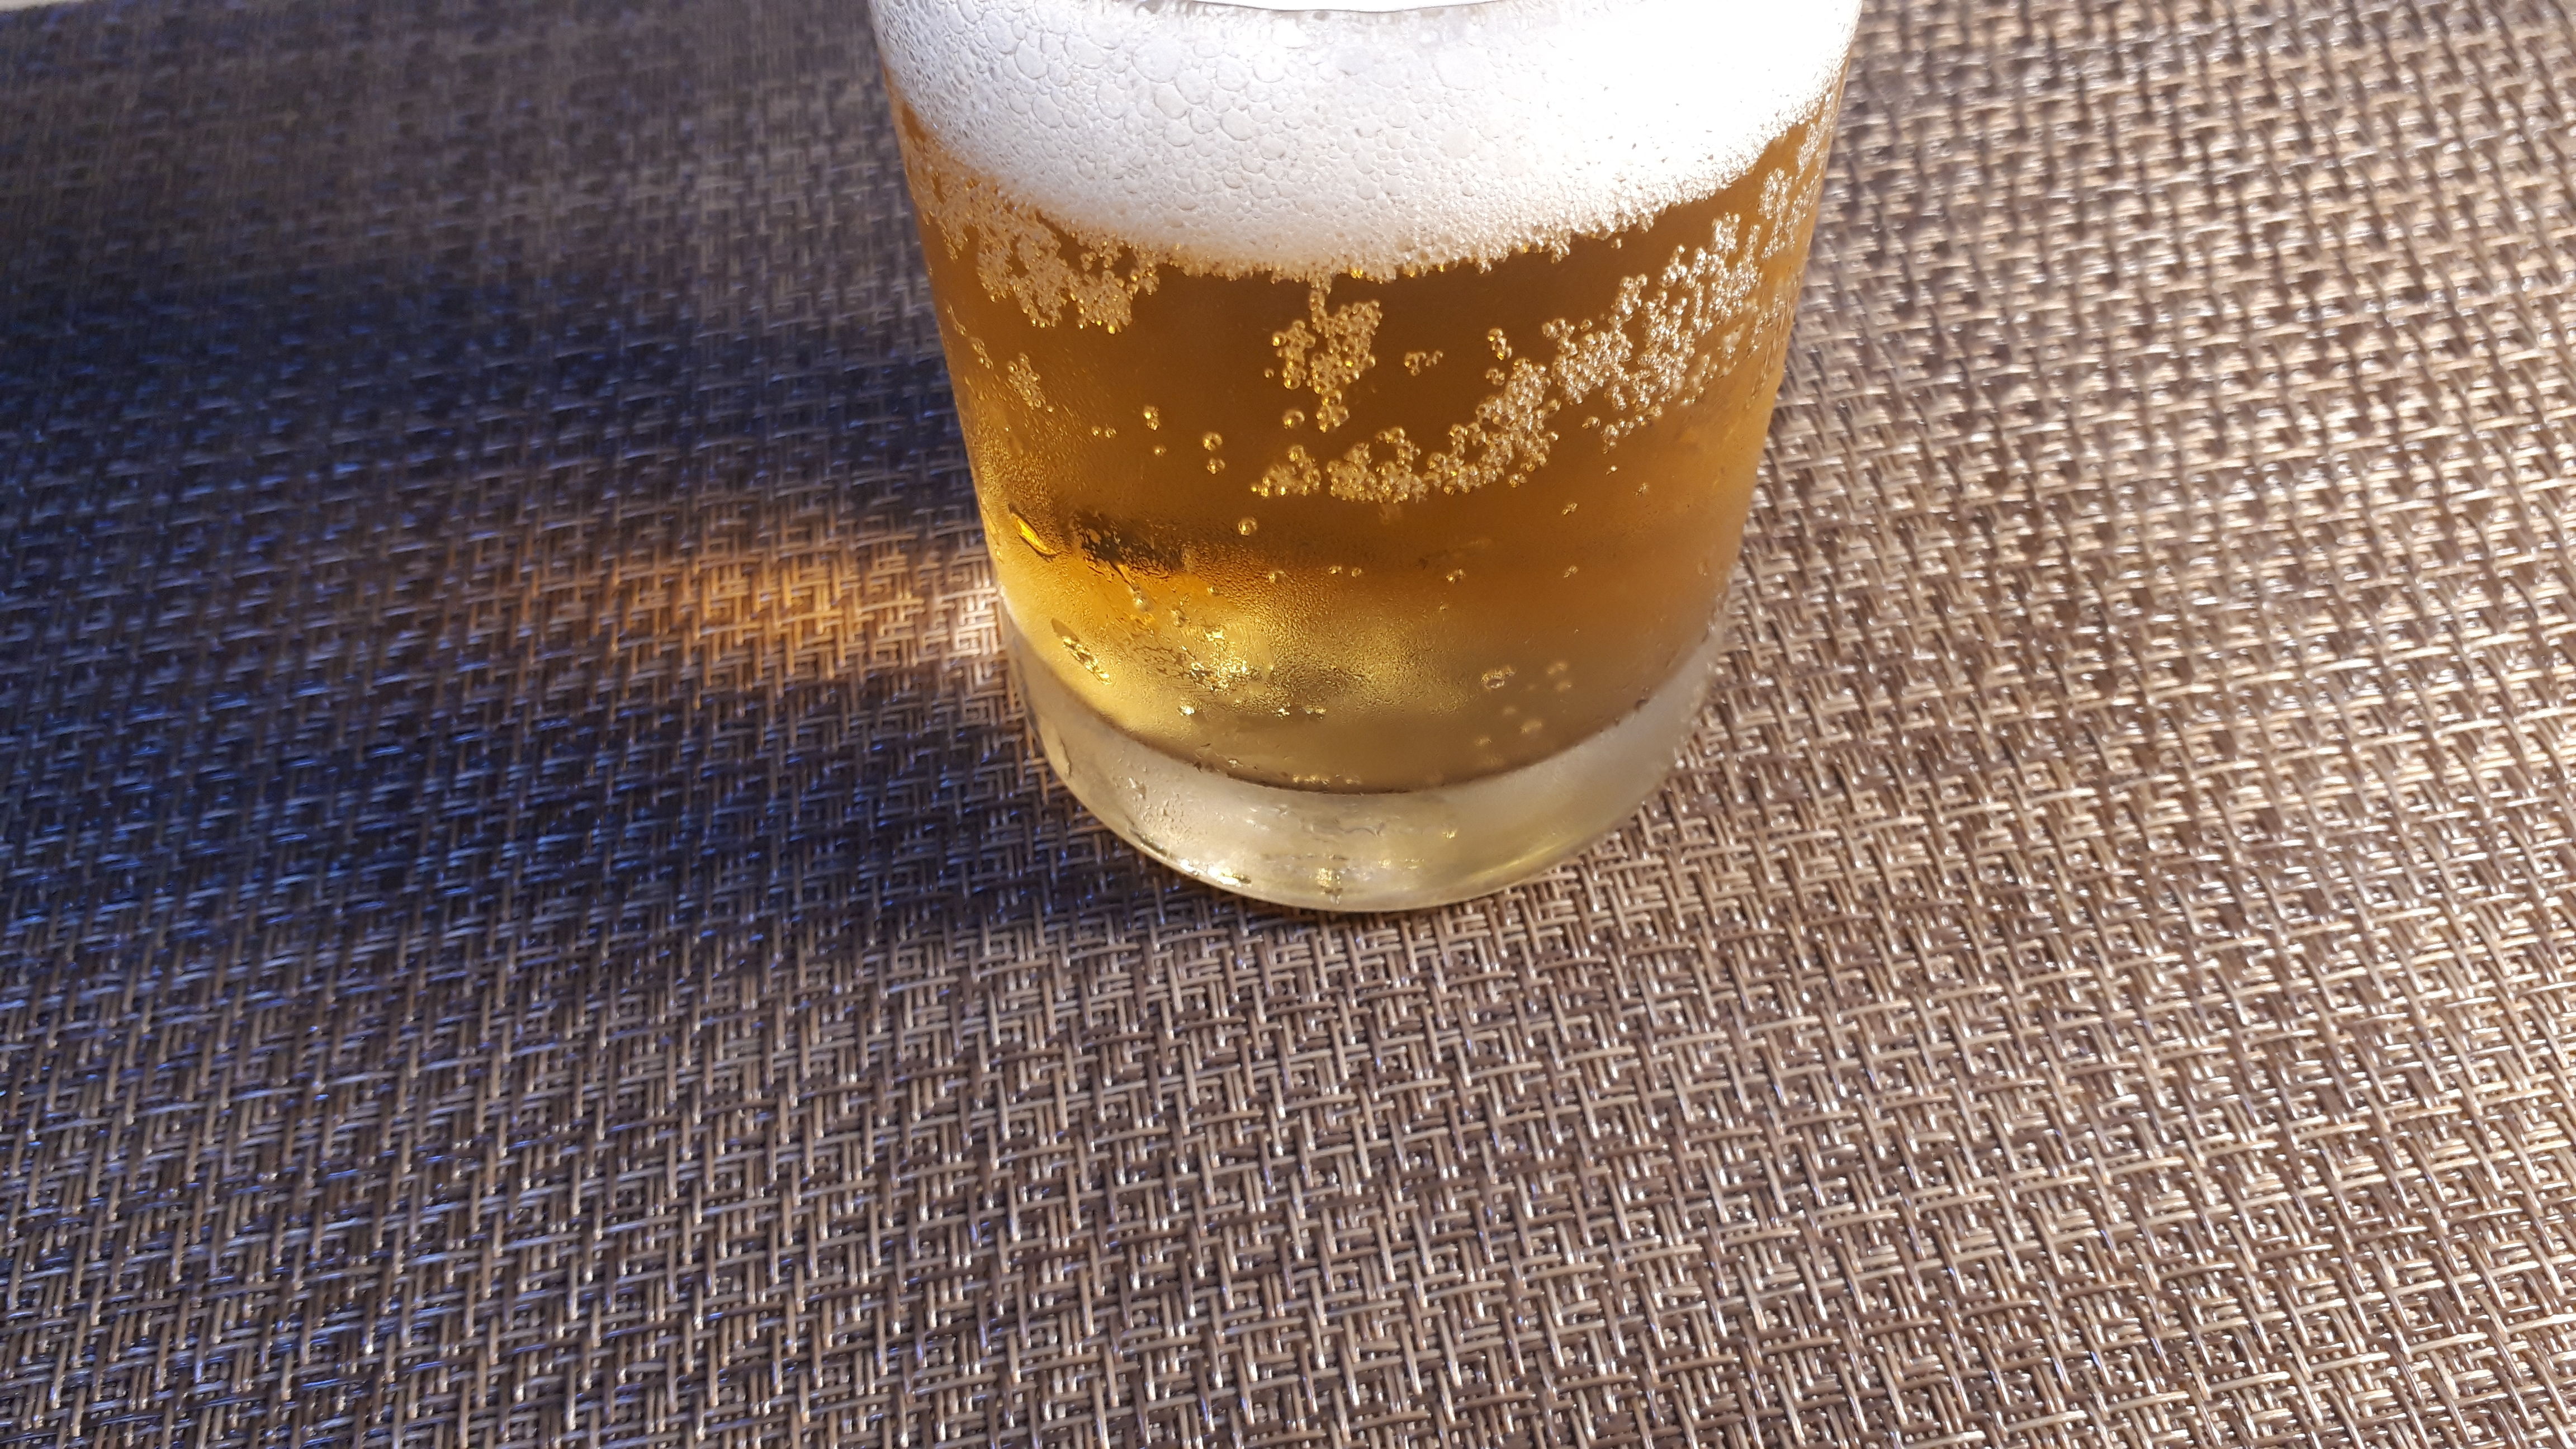 セブンプレミアム「上富良野 小丹枝さんと大角さんのホップ畑から」第3弾を飲むところ(オリジナル写真)